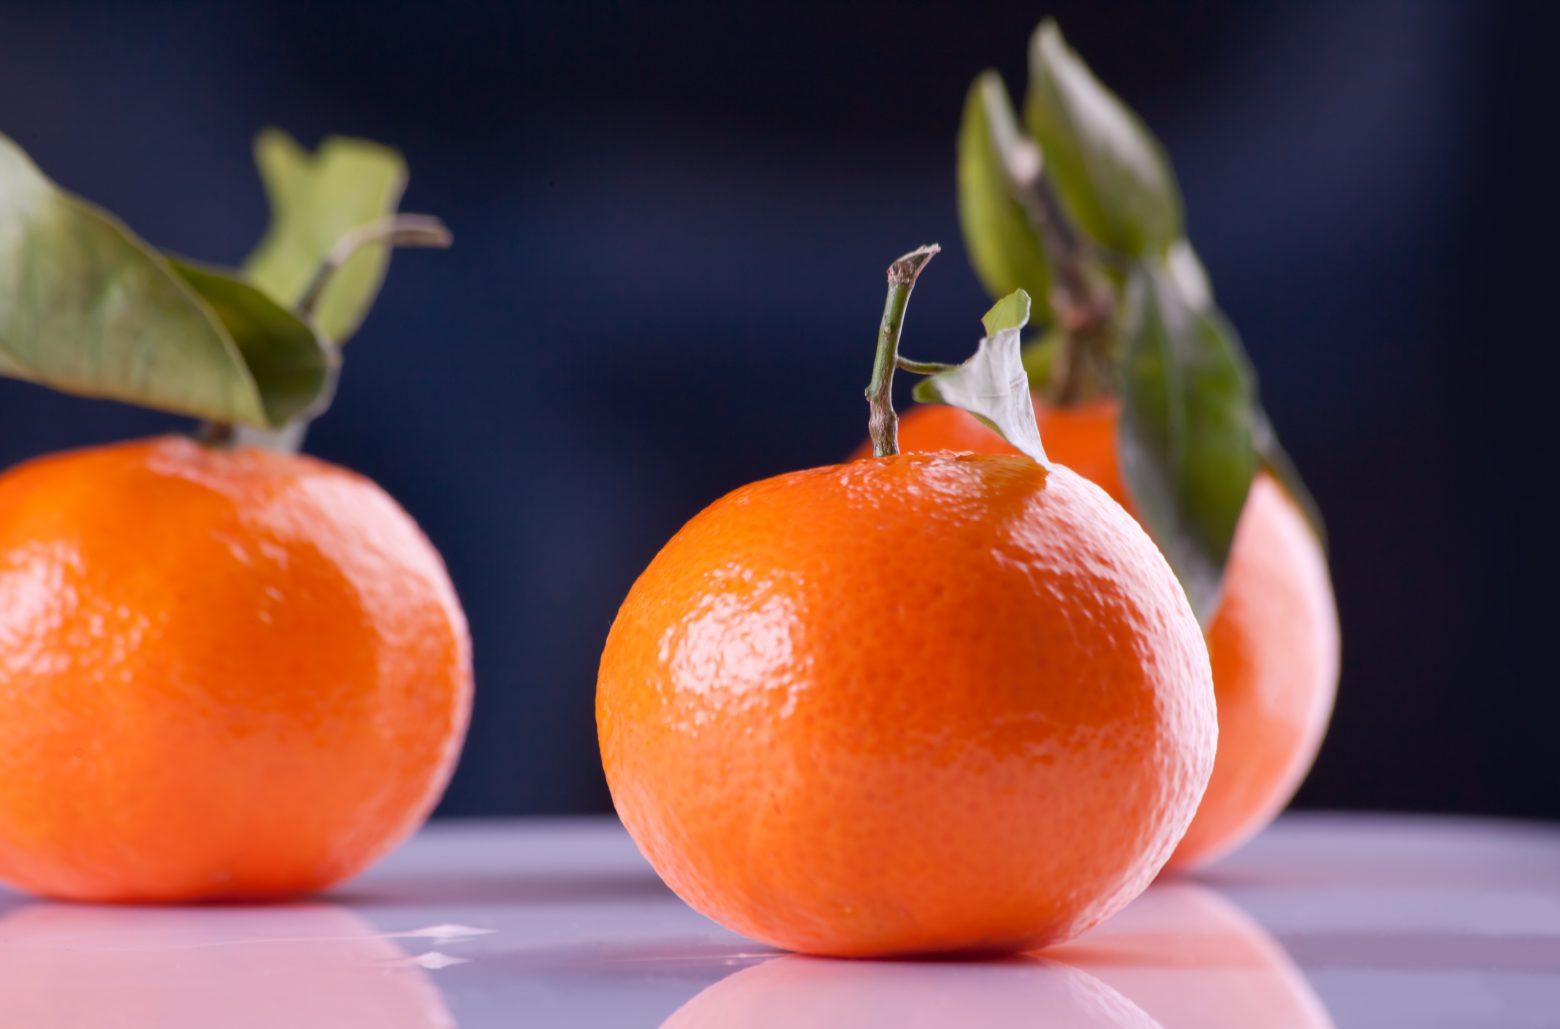 tangerines-599578